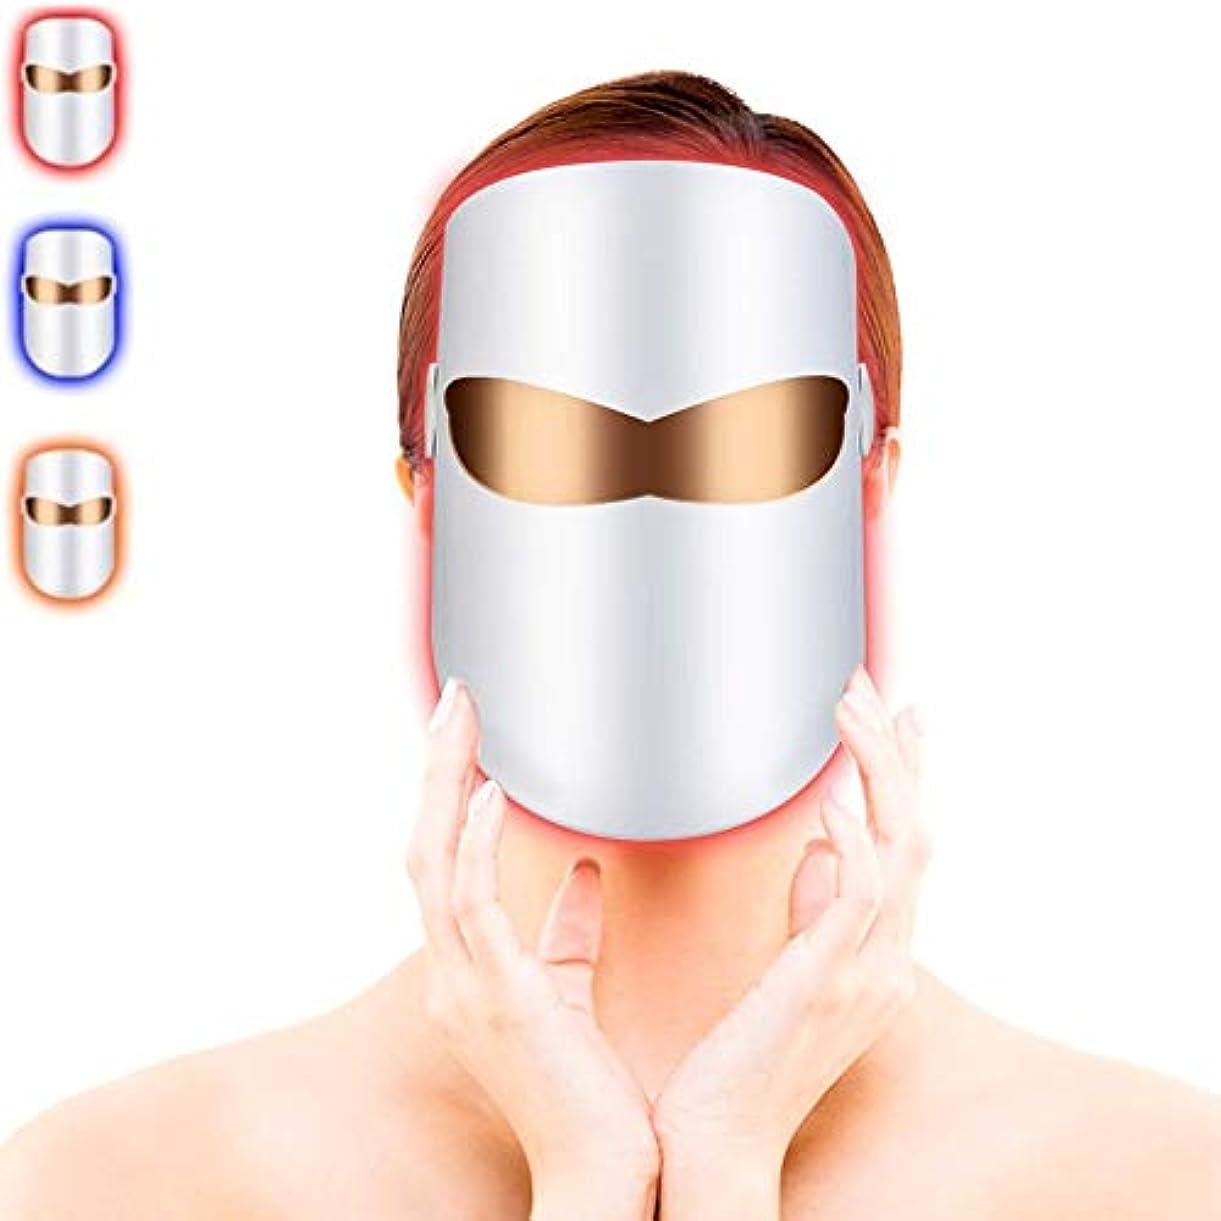 地震判決感じLEDフェイシャルマスク、ライトセラピーフェイスマスクにきび治療、LEDフォトンセラピーフェイシャル美容マスクにきびスポットのしわコラーゲンコラーゲンスキンケアの若返りのための無制限の治療